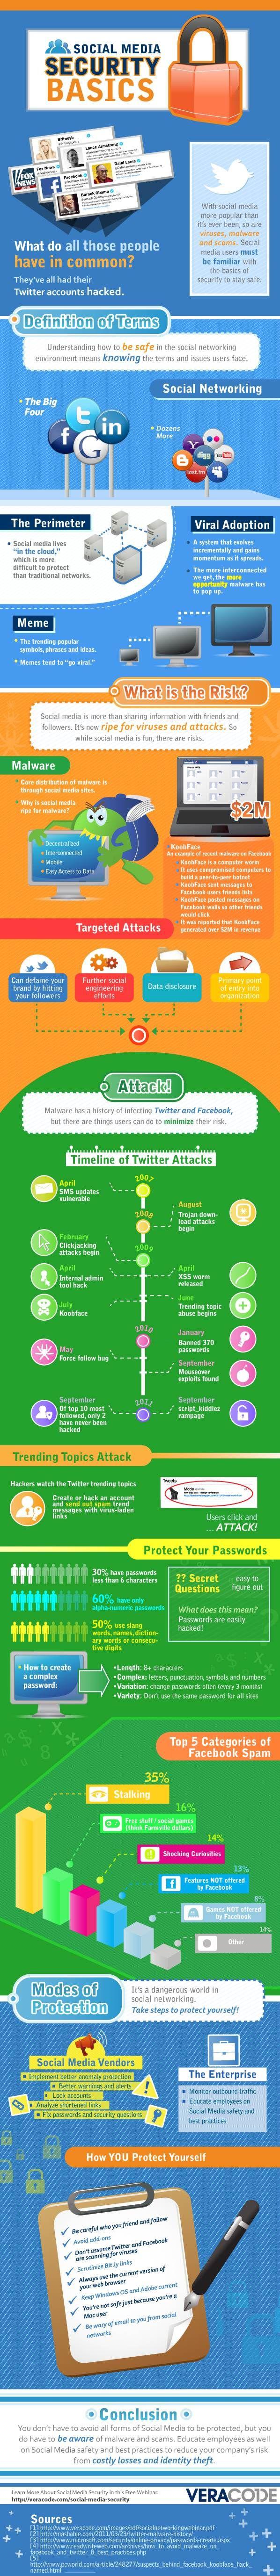 Seguridad en #SocialMedia